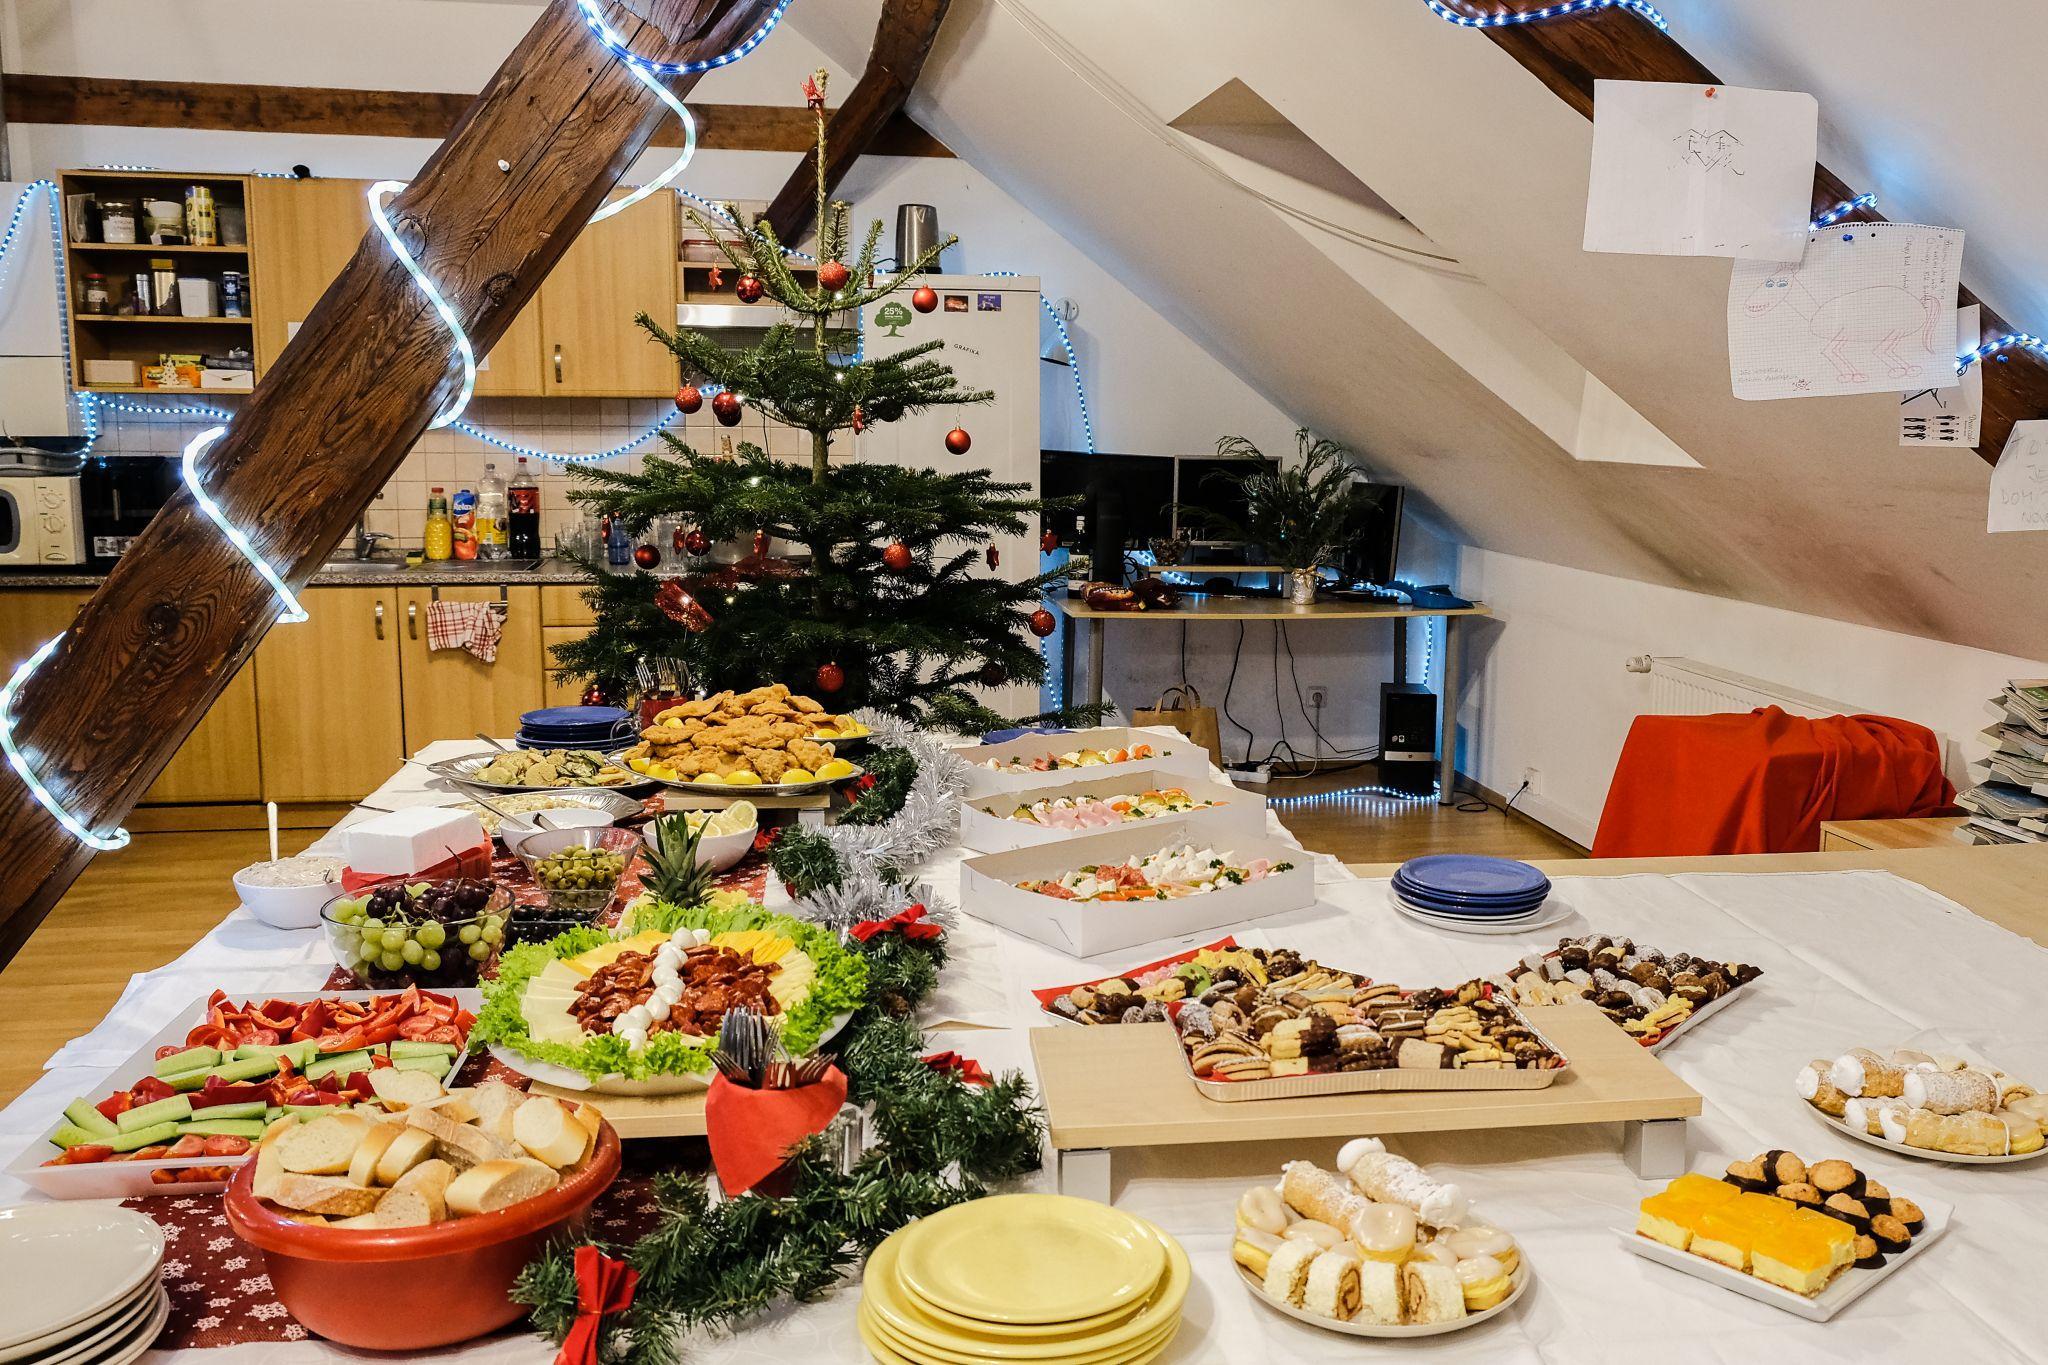 Občerstvení na Aira 2019 vánočním večírku